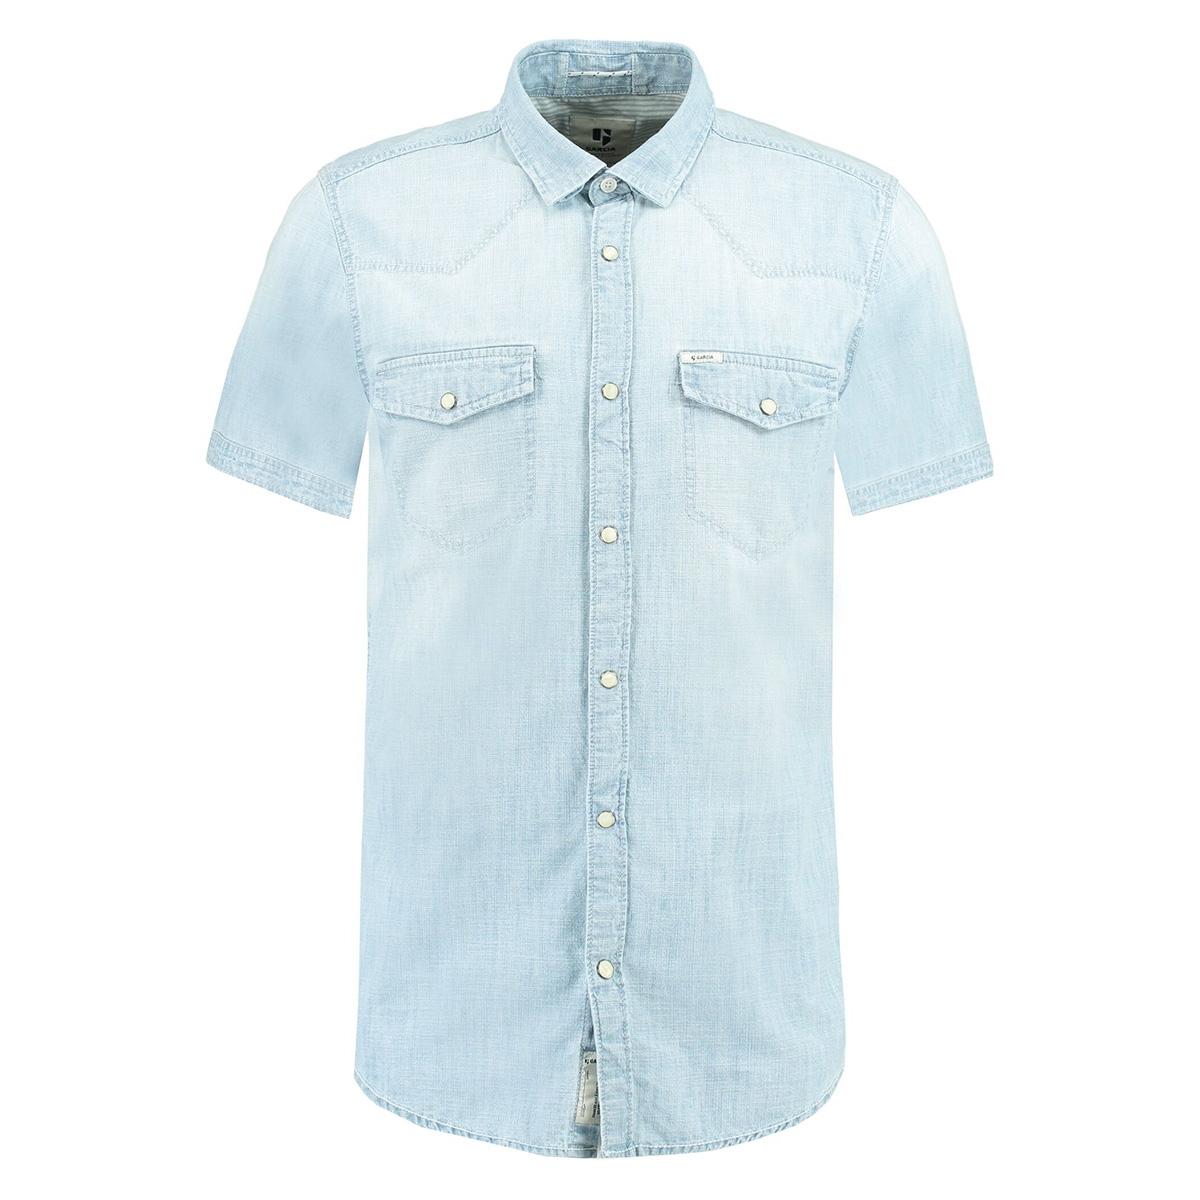 lichtblauw denim overhemd d91238 garcia overhemd 1913 light indigo